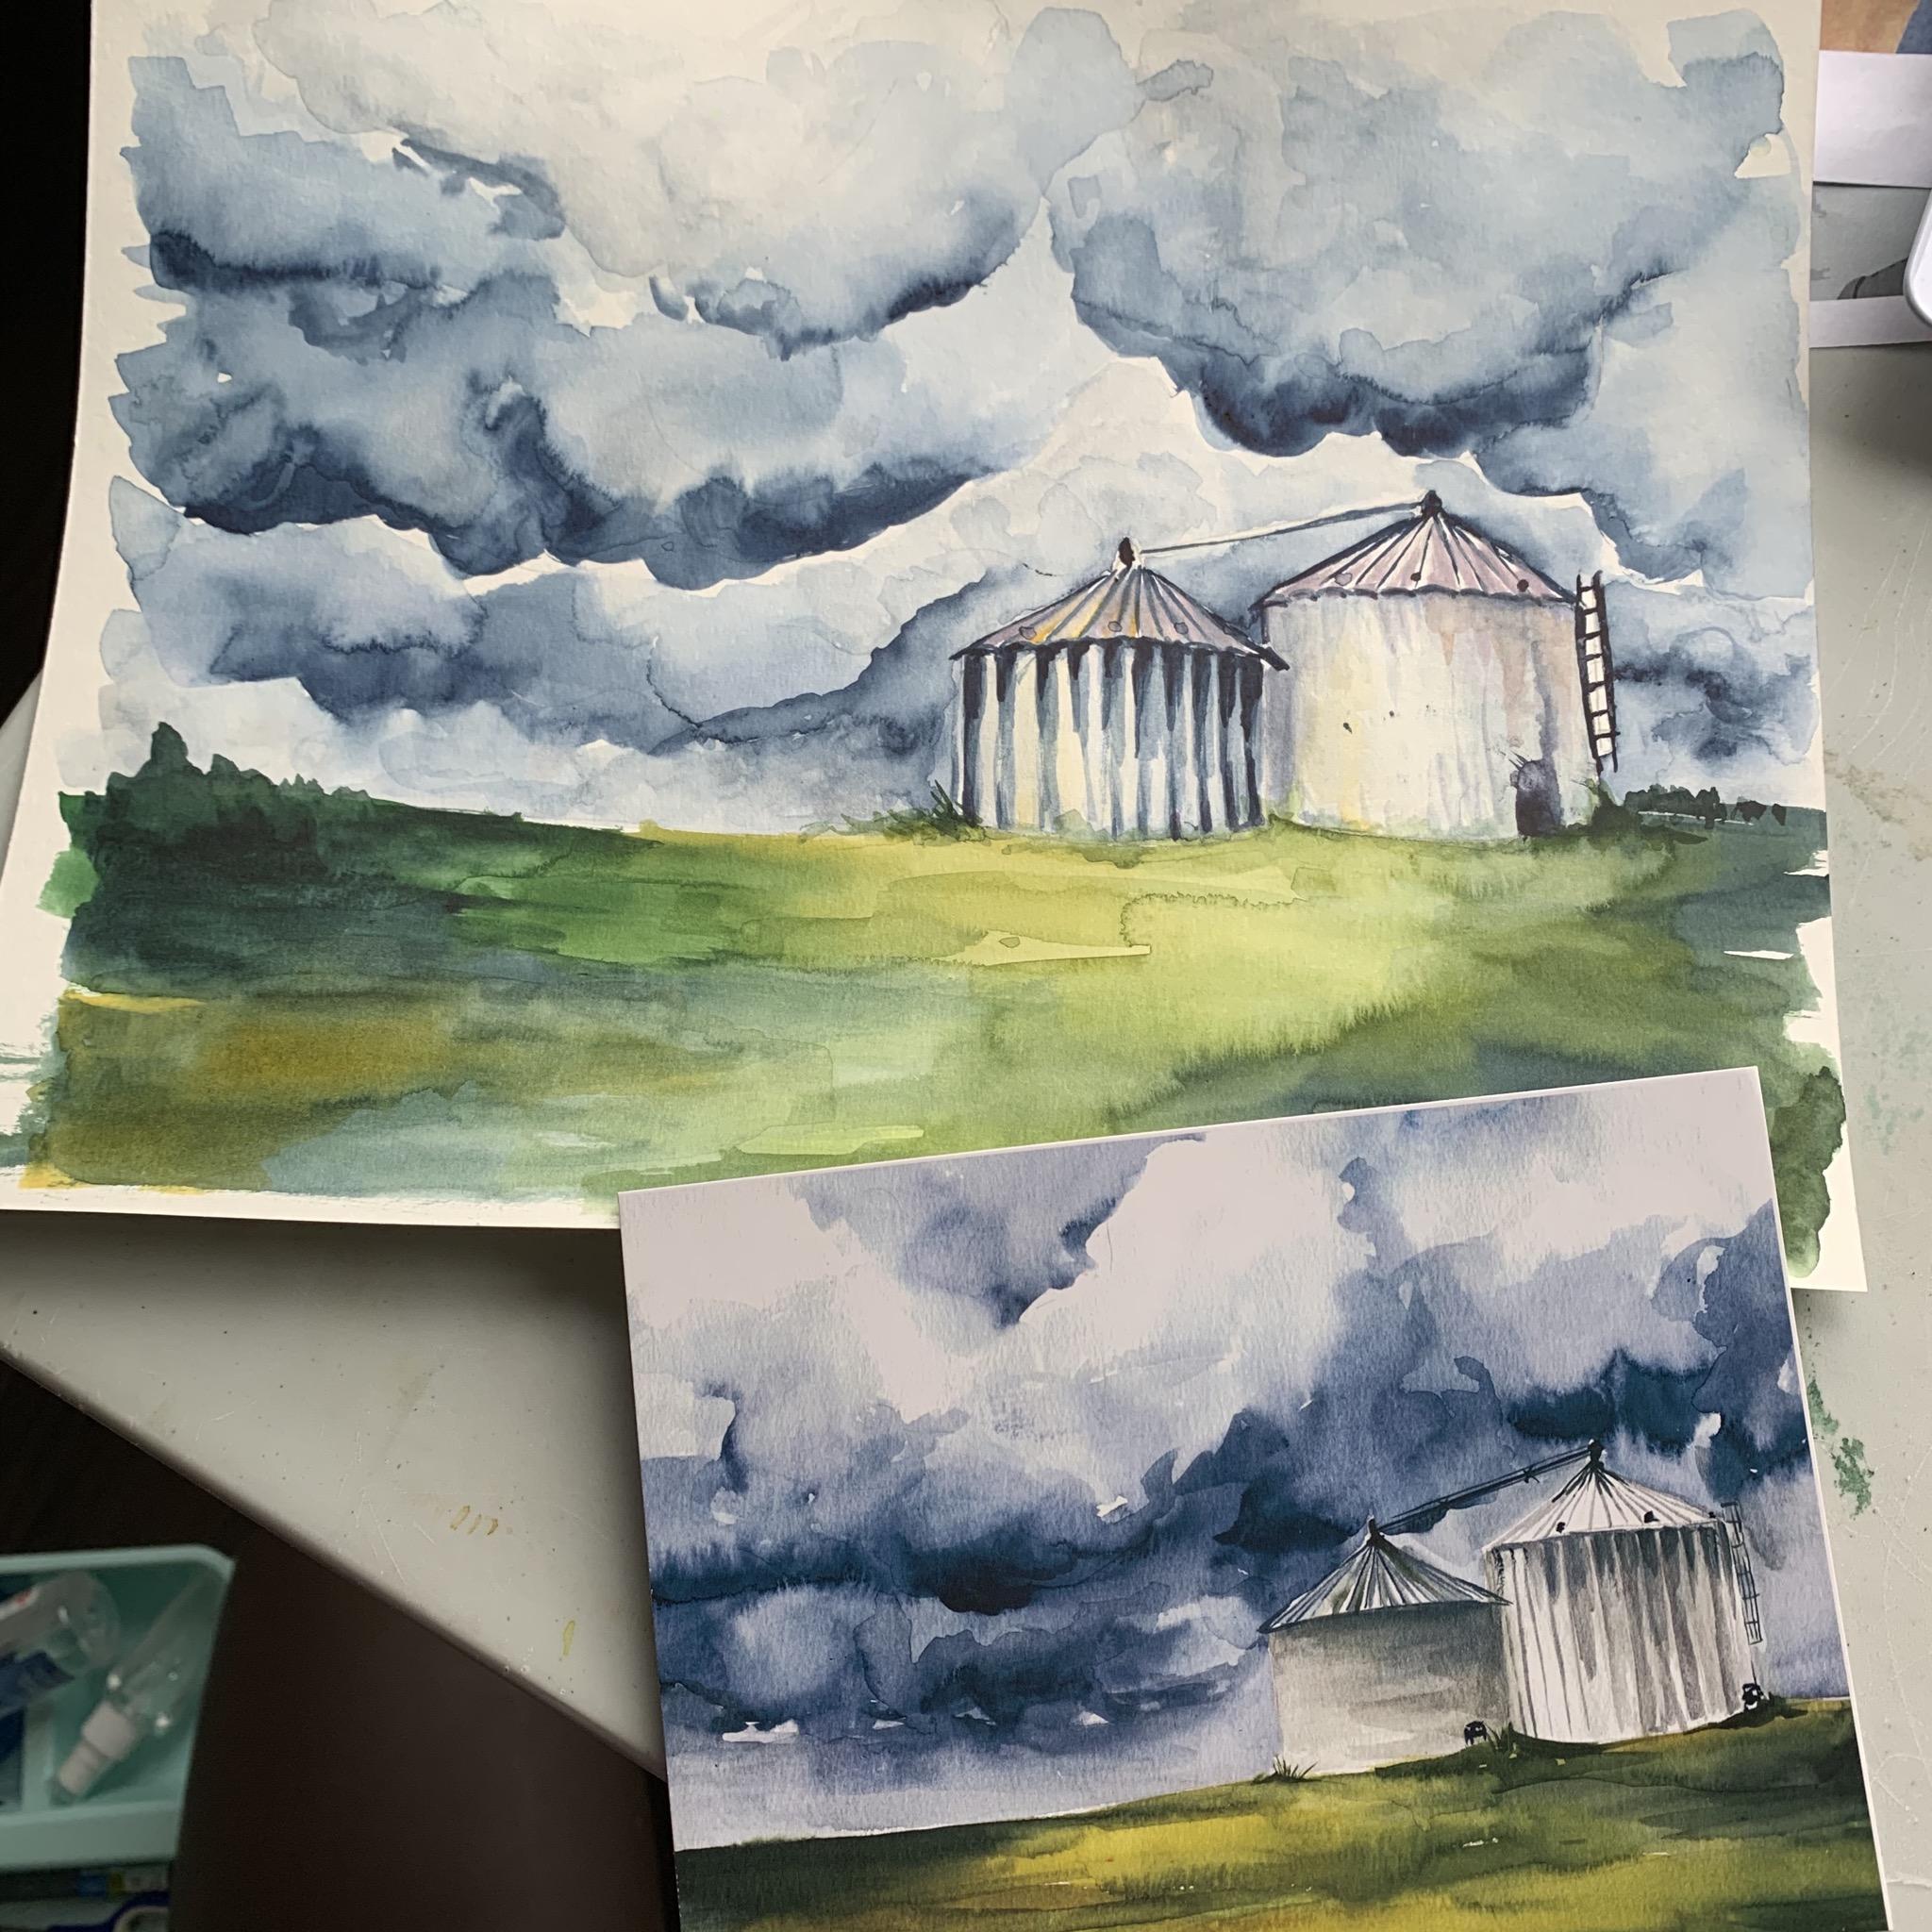 8708E06F 3405 488F 9DCF 38C643FC713D Watercolor storm